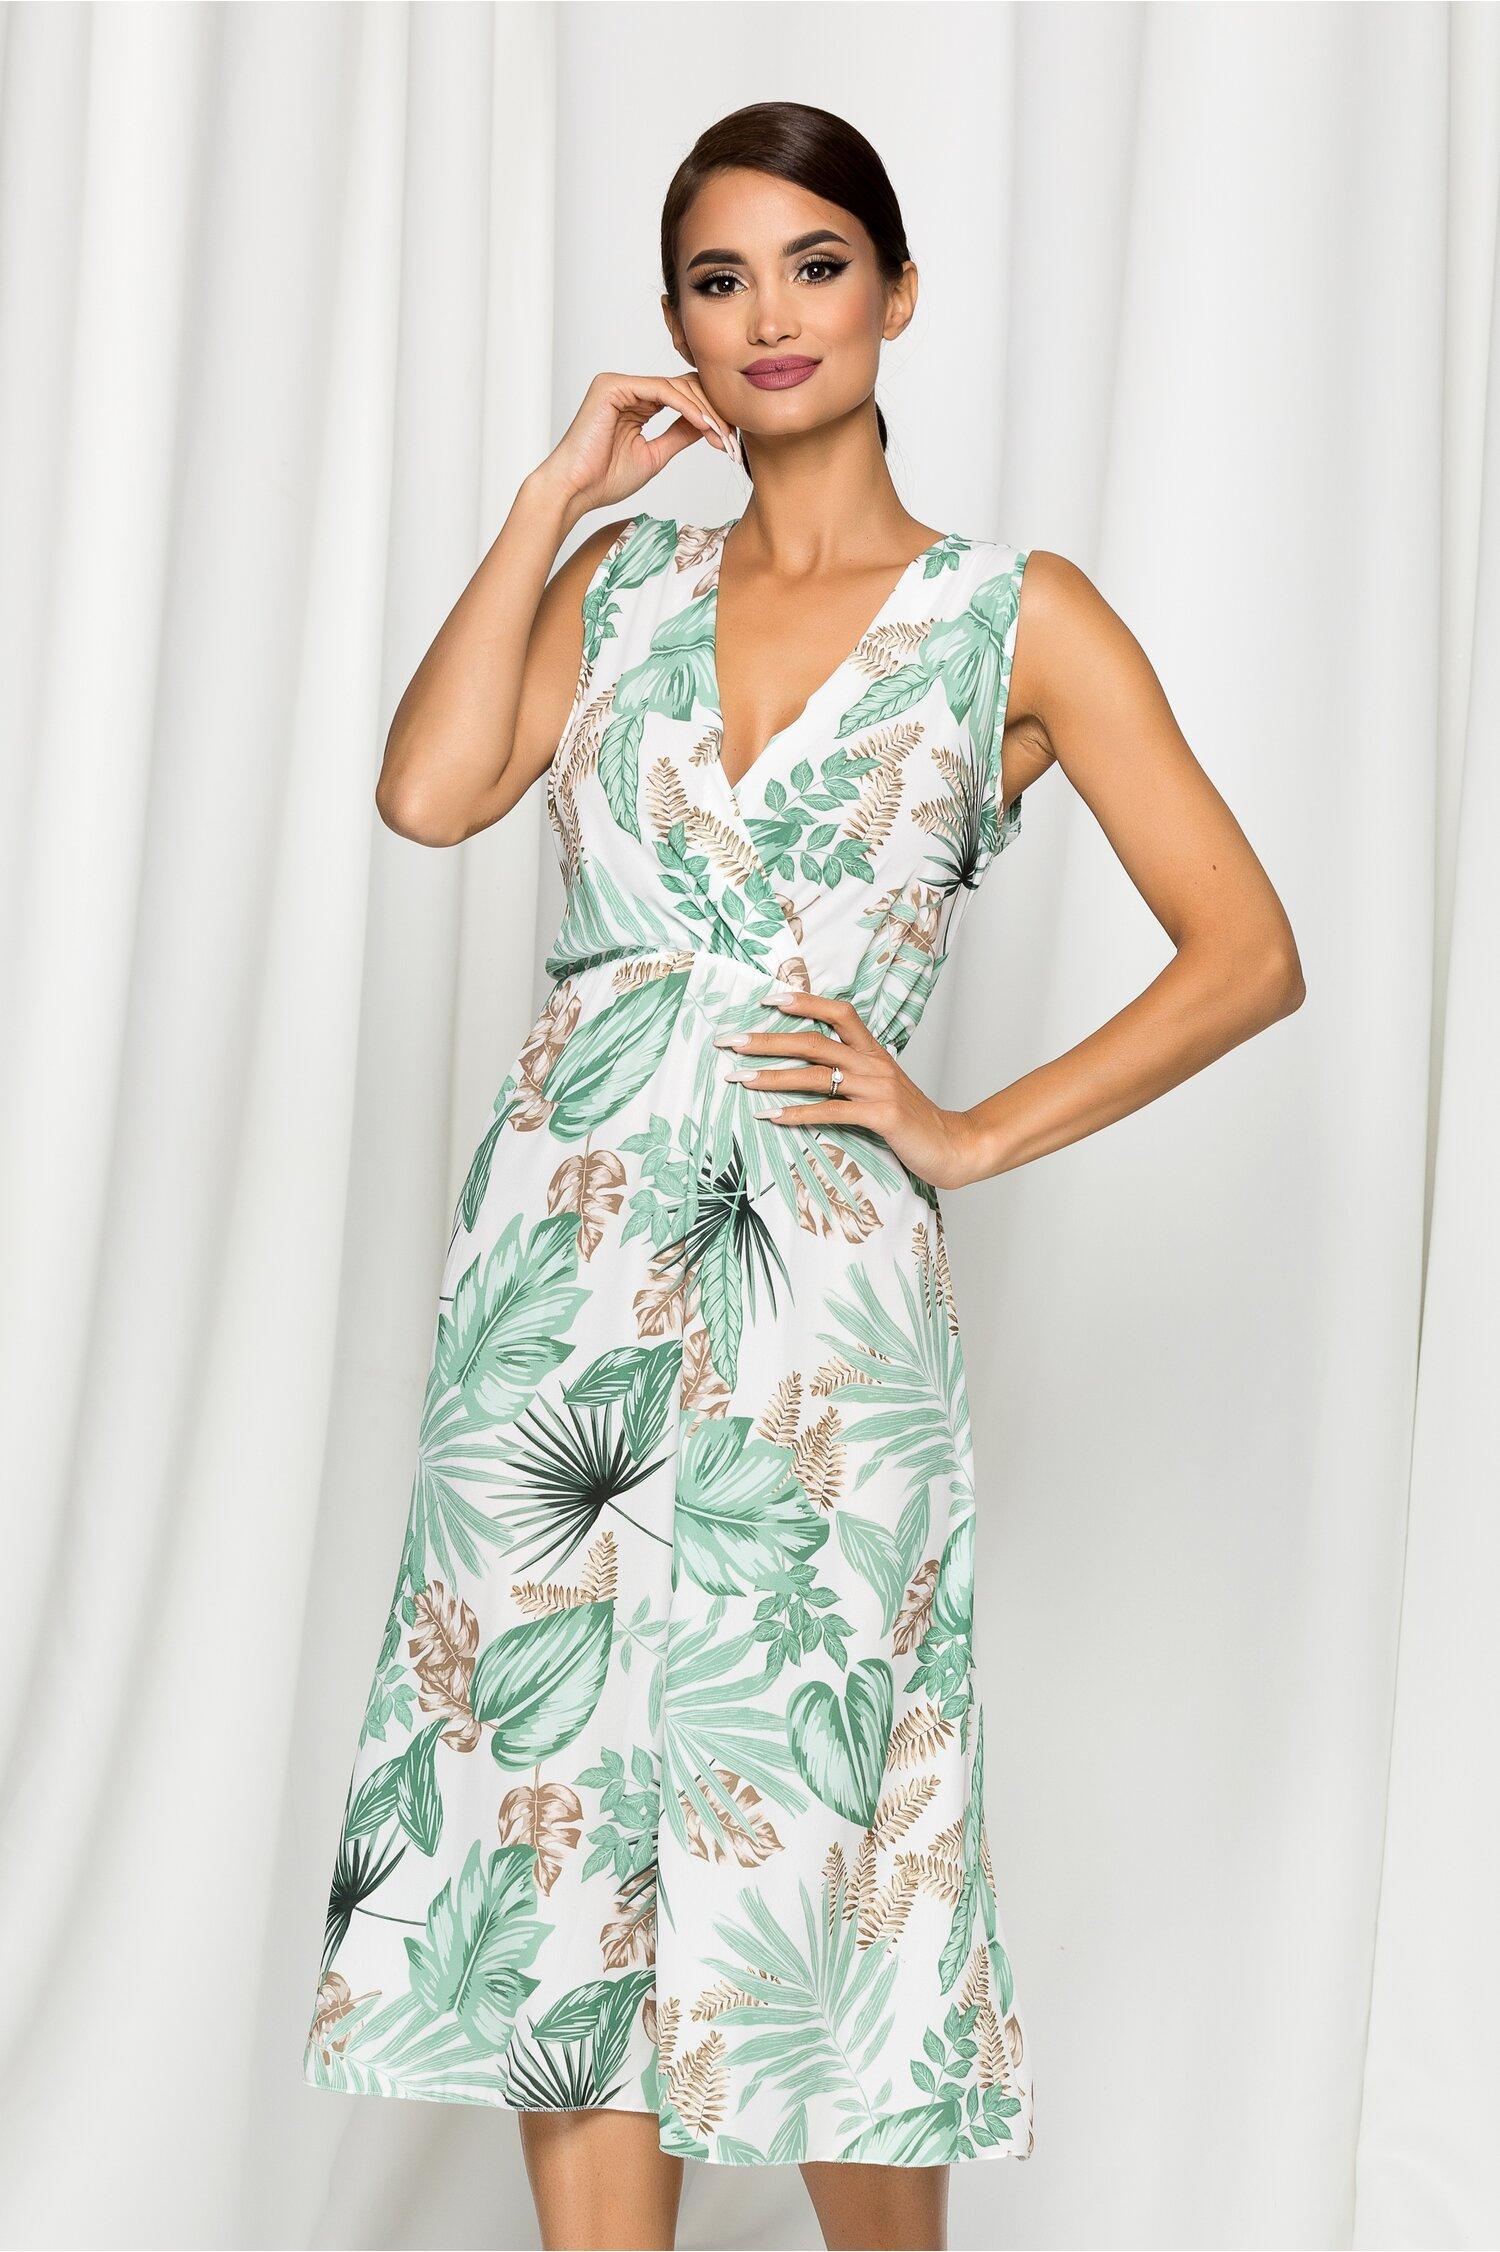 Rochie Nadine alba cu imprimeu exotic verde